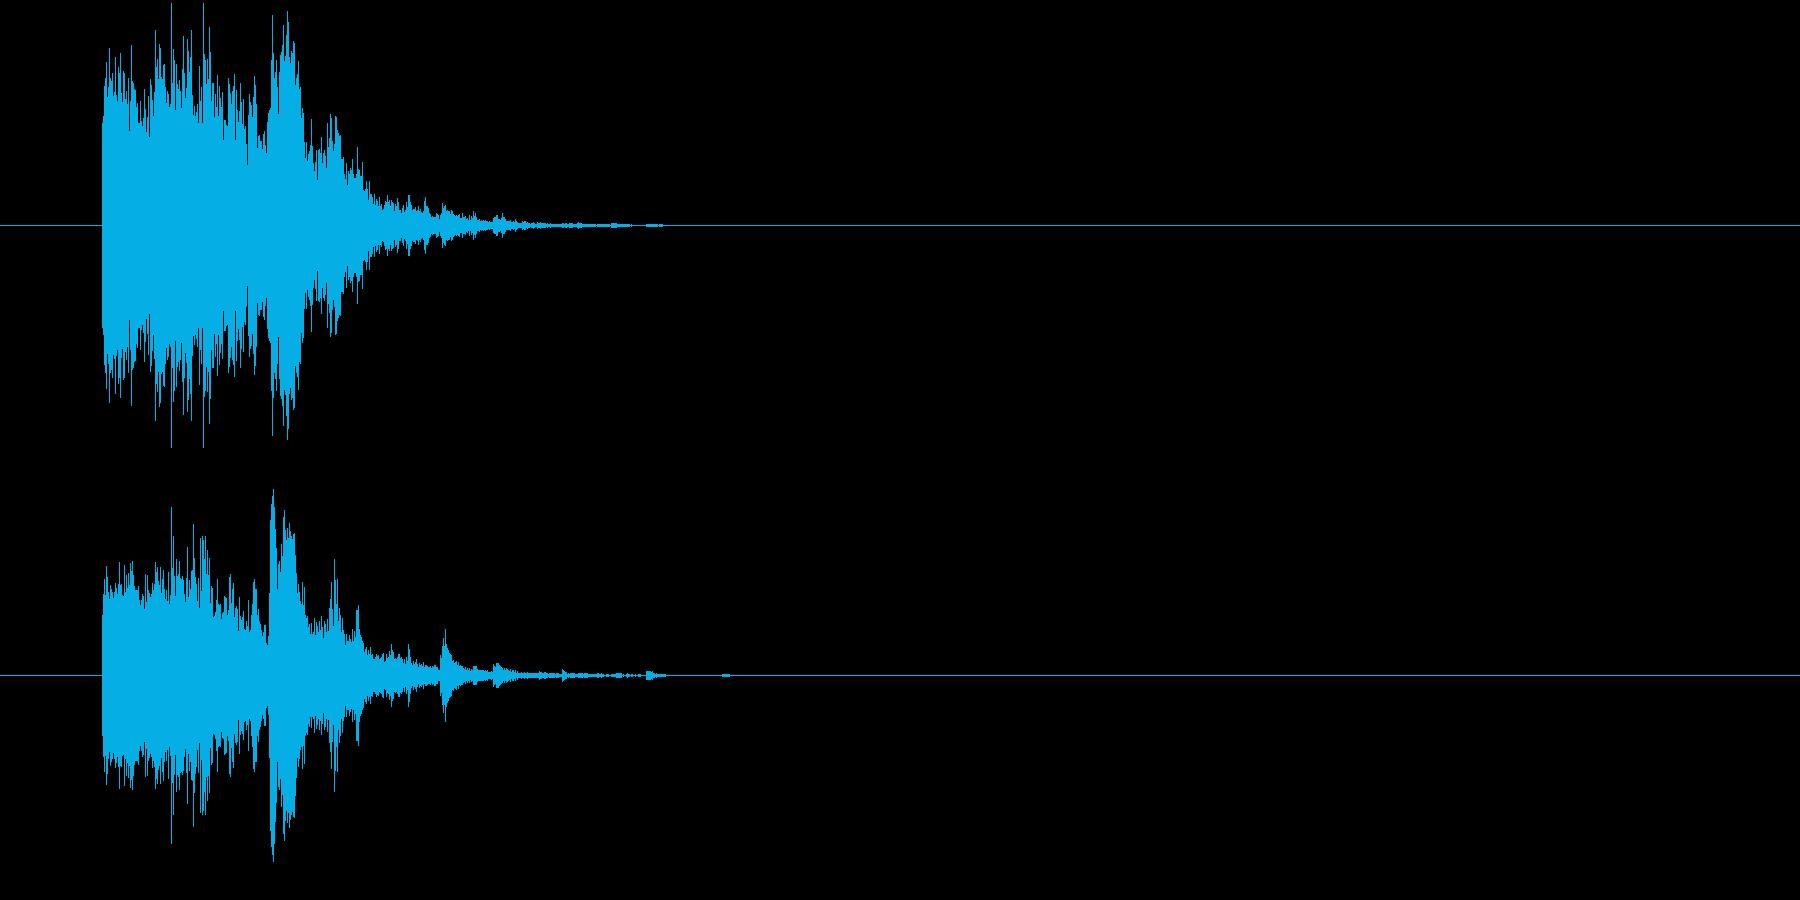 割れる、砕ける時の効果音(ガシャン)の再生済みの波形